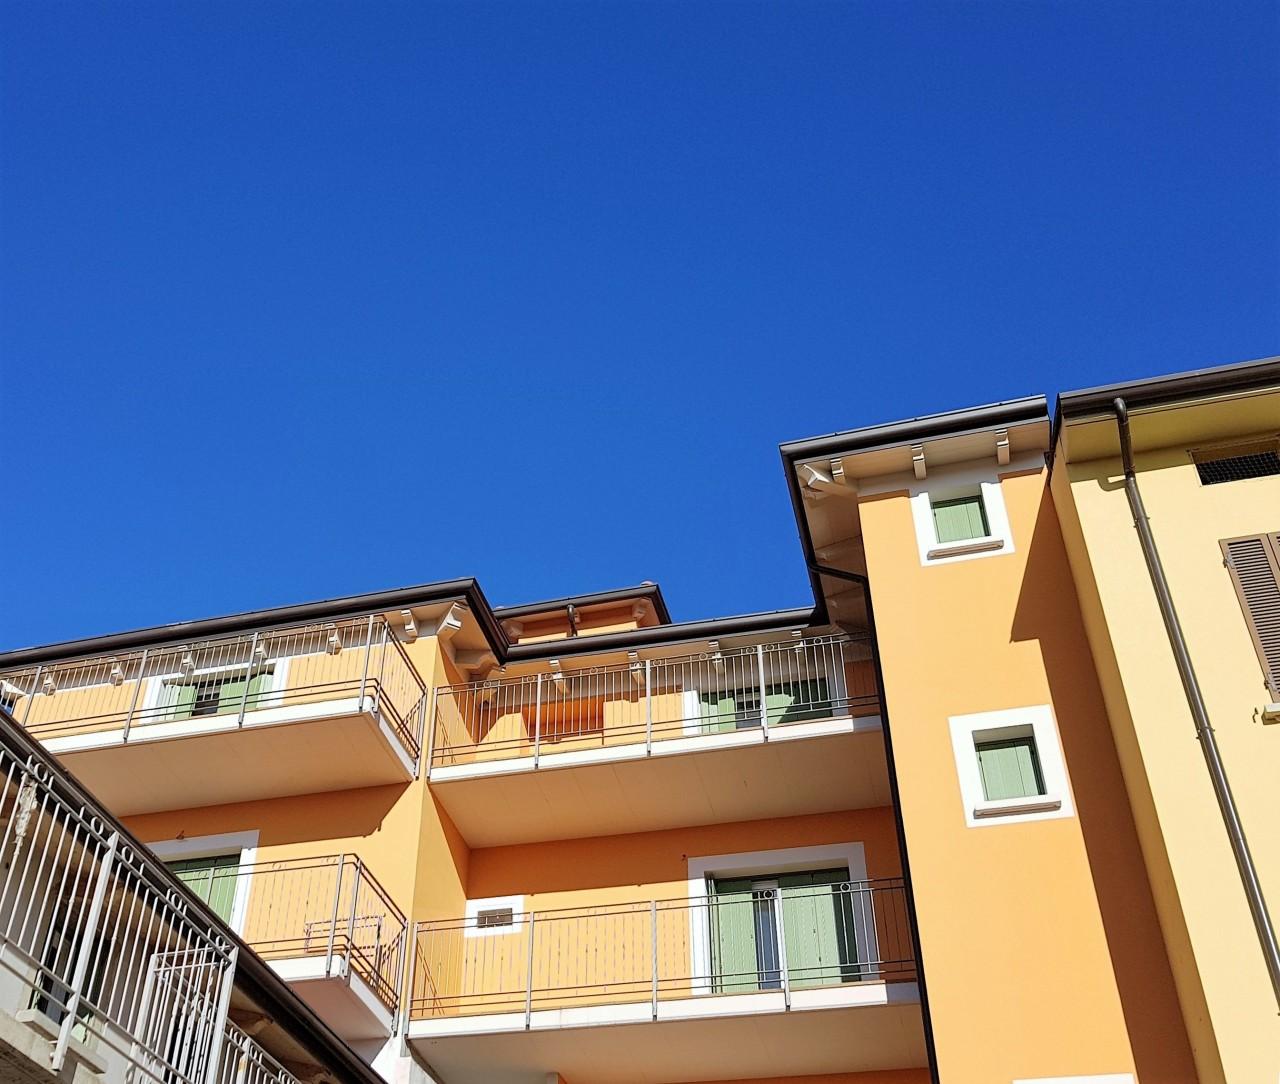 Appartamento in vendita a Brescia, 2 locali, prezzo € 116.000   PortaleAgenzieImmobiliari.it